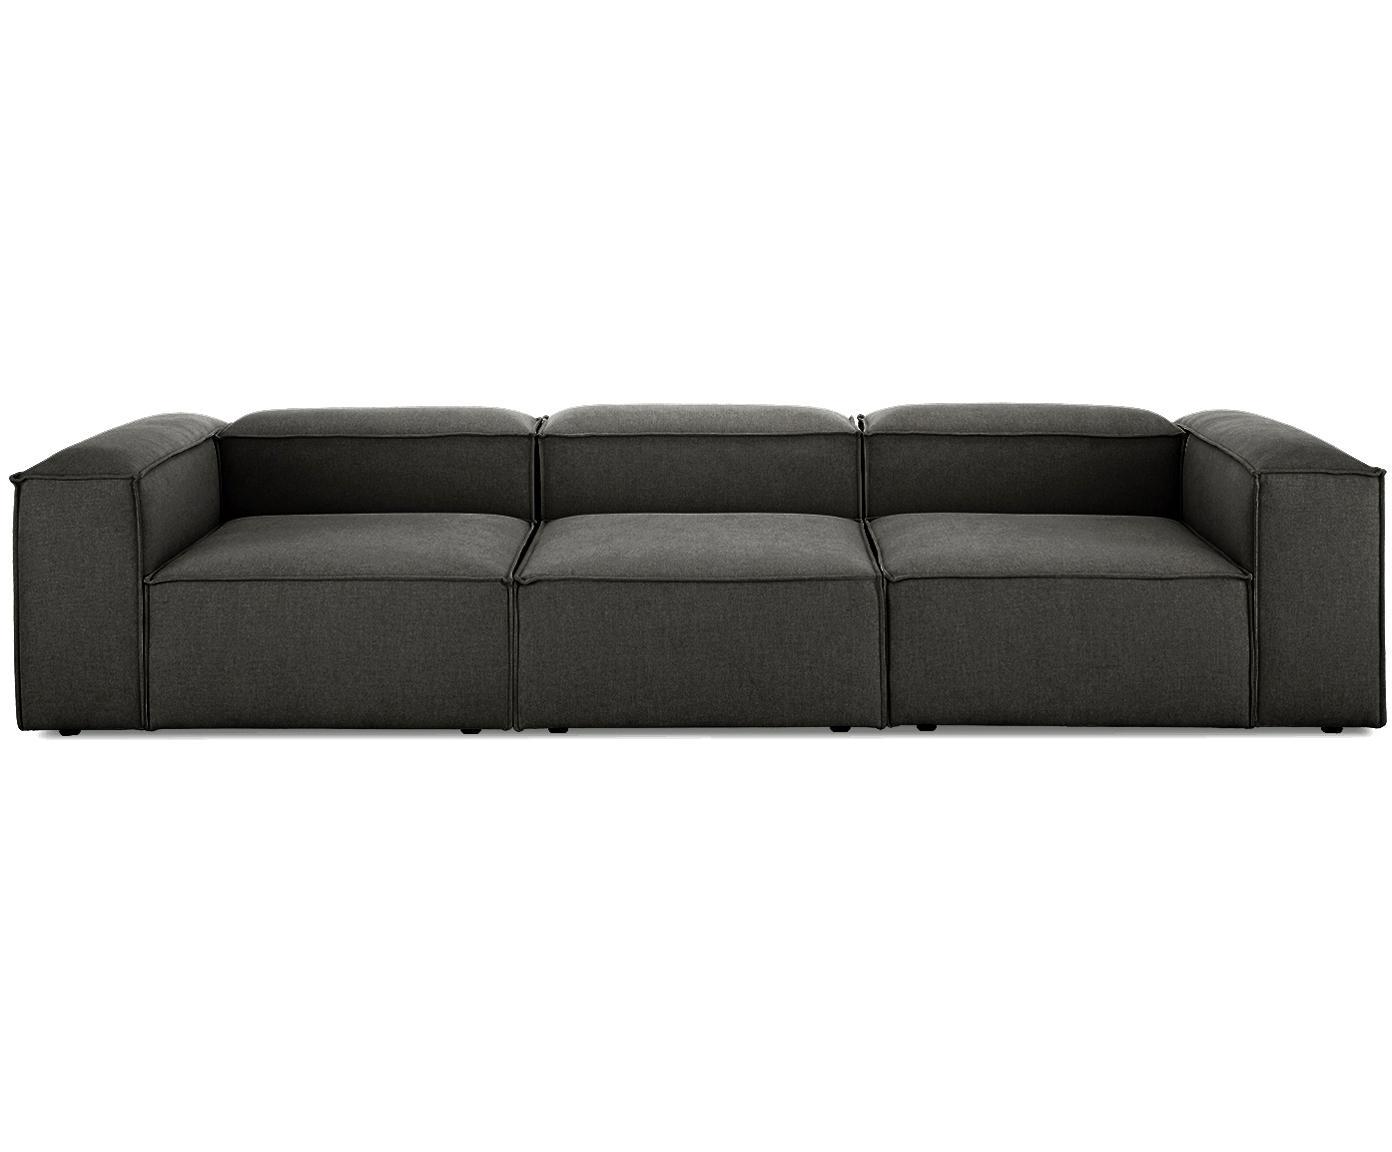 Sofa modułowa Lennon (4-osobowa), Tapicerka: poliester 35 000 cykli w , Stelaż: lite drewno sosnowe, skle, Nogi: tworzywo sztuczne, Antracytowy, S 326 x G 119 cm